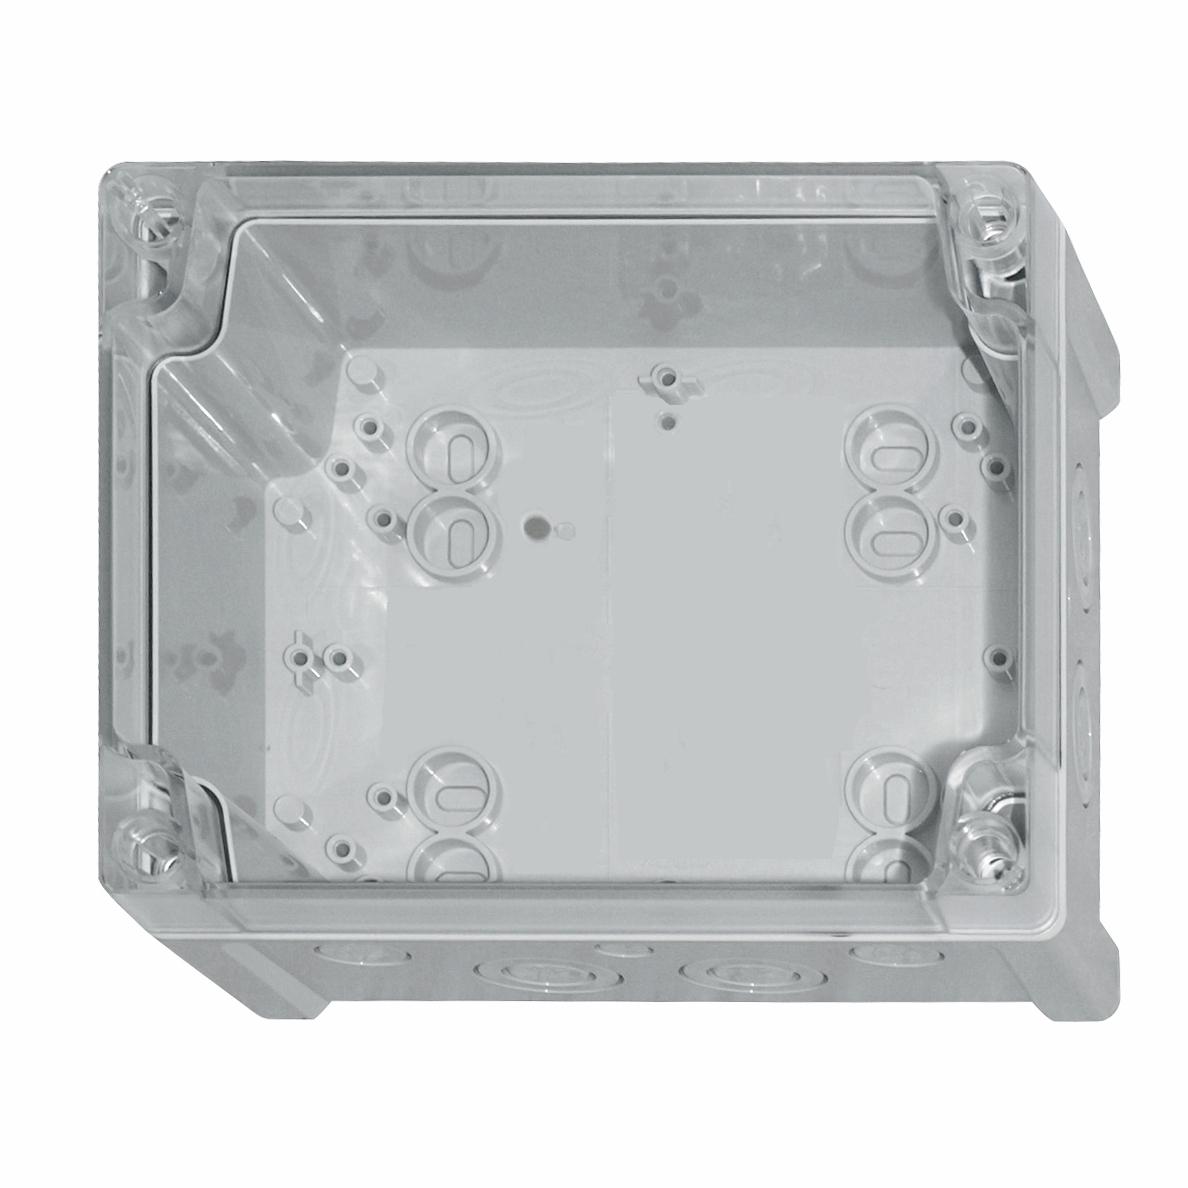 1 Stk ABS Gehäuse mit Deckel transparent, 240x191x107mm, RAL7035 IG707016--